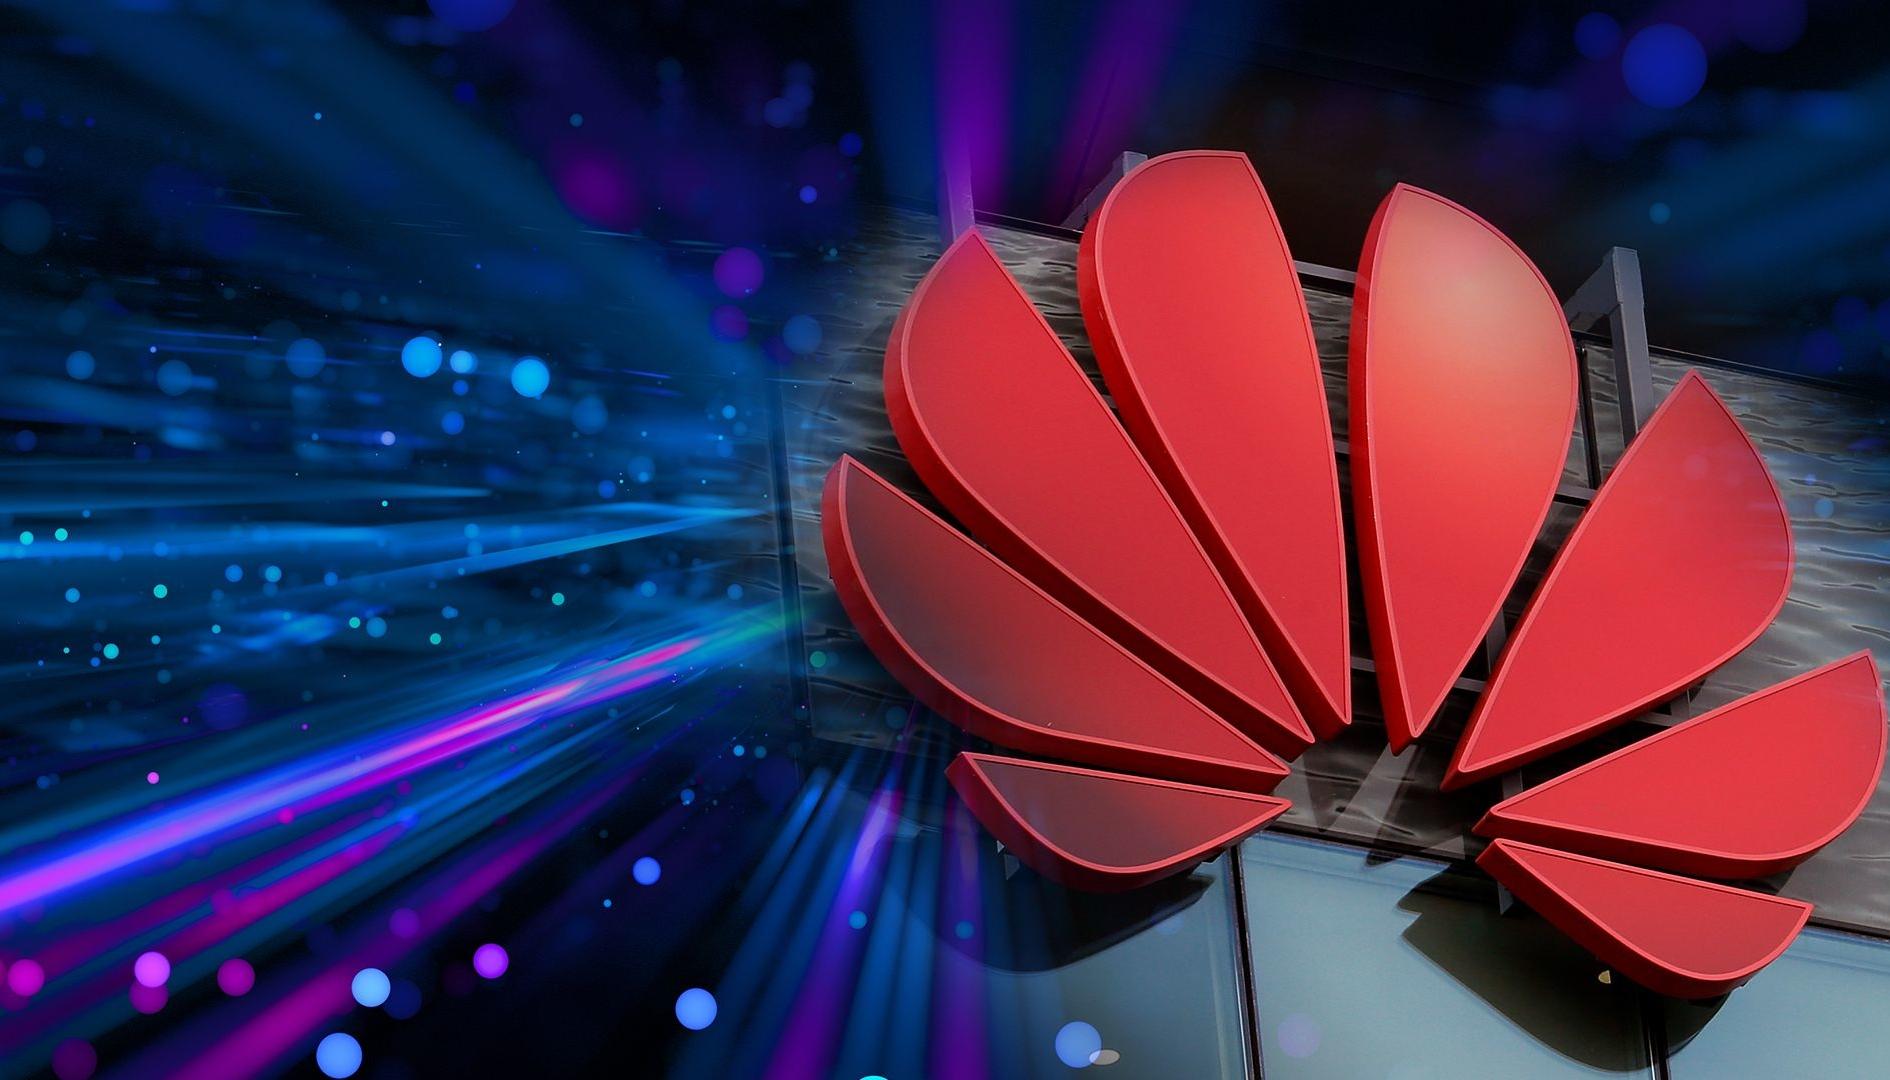 Google sospende le licenze Android a Huawei dopo il ban di Trump, Intel gli accordi